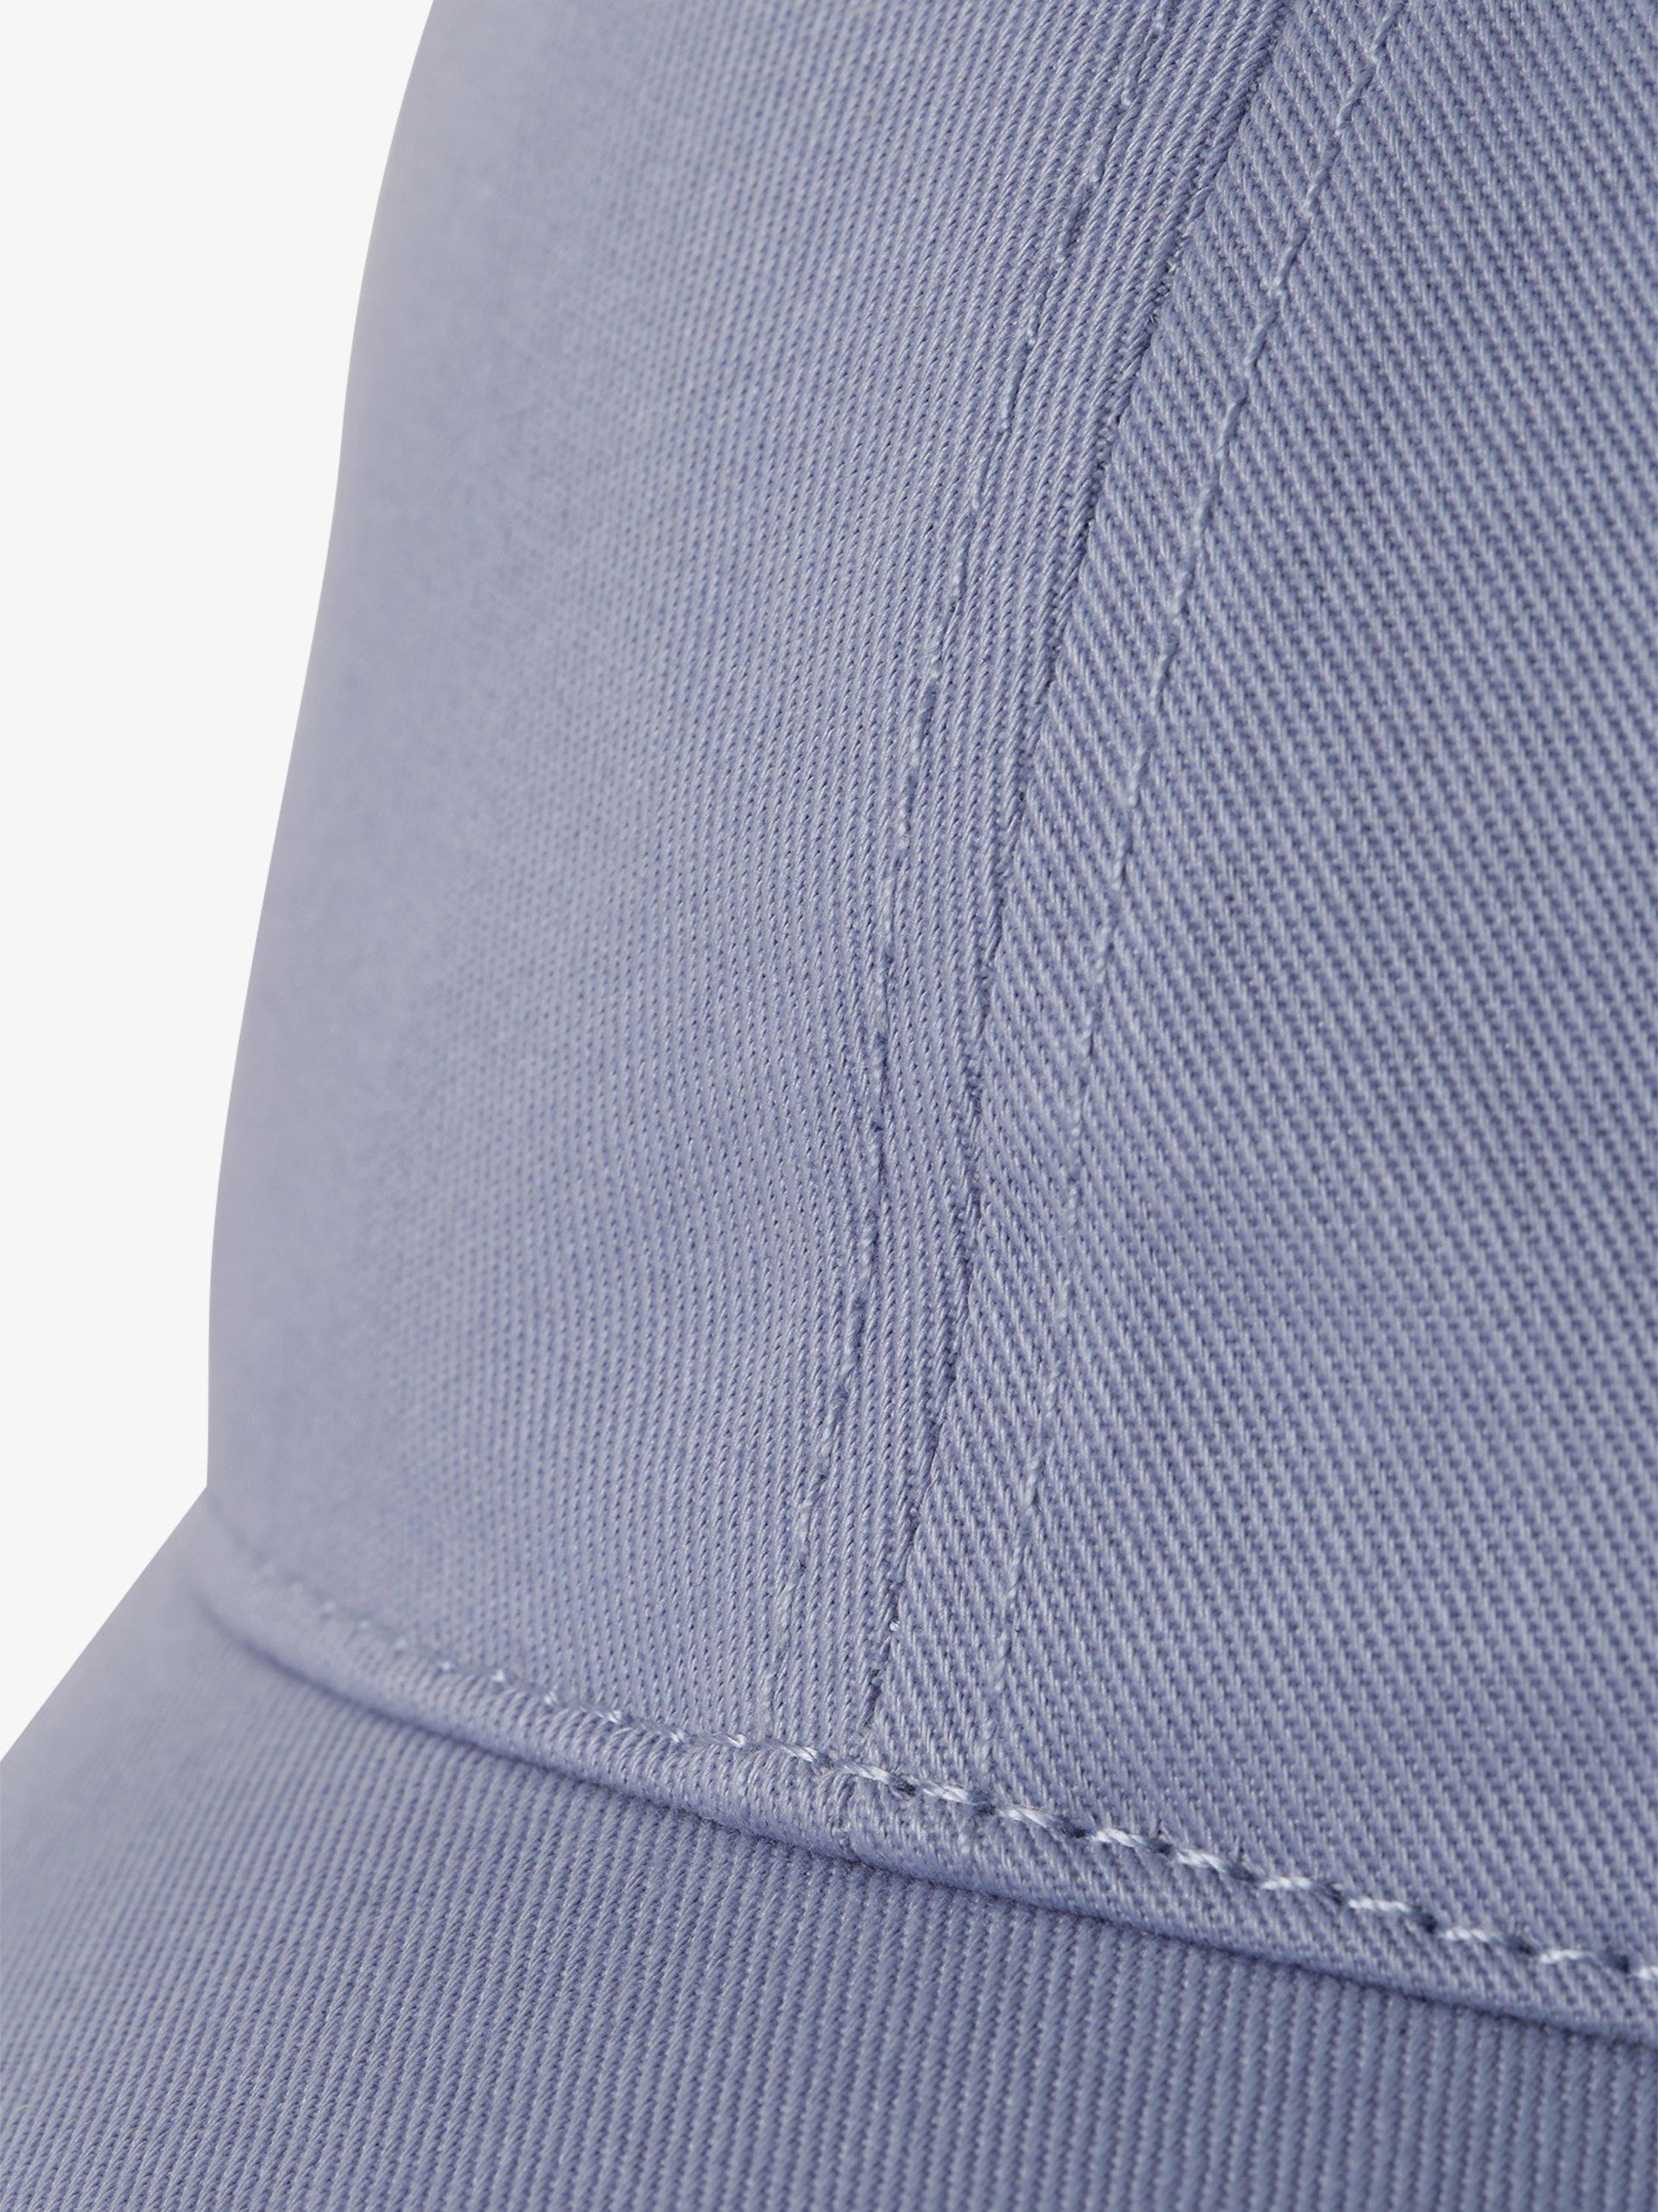 Lacoste Damen Cap mit Leder-Anteil